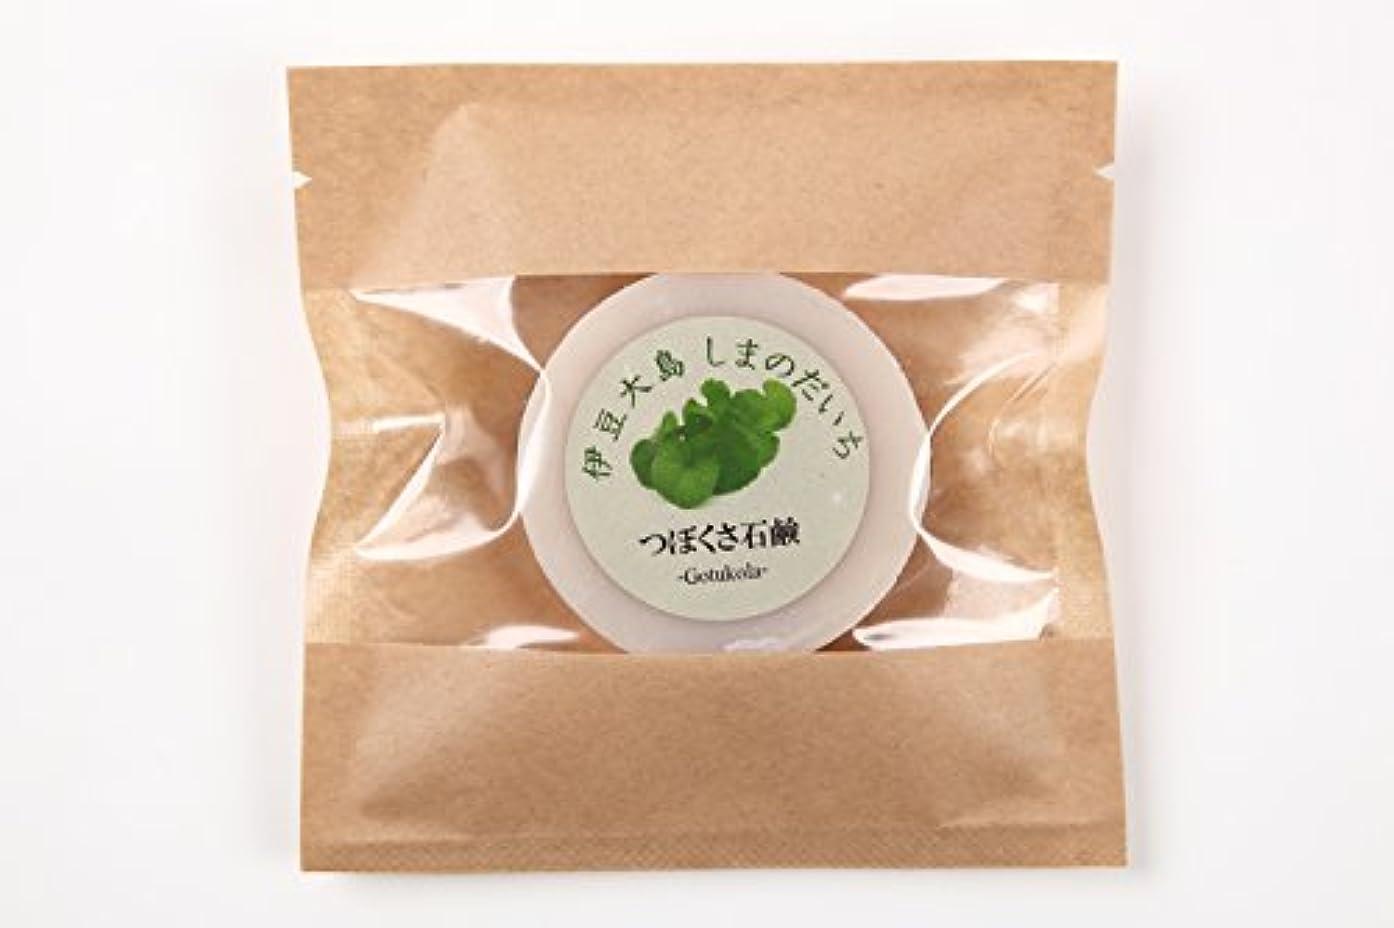 恐れるカヌーミルクツボクサ(ゴツコラ)の石鹸(伊豆大島産)